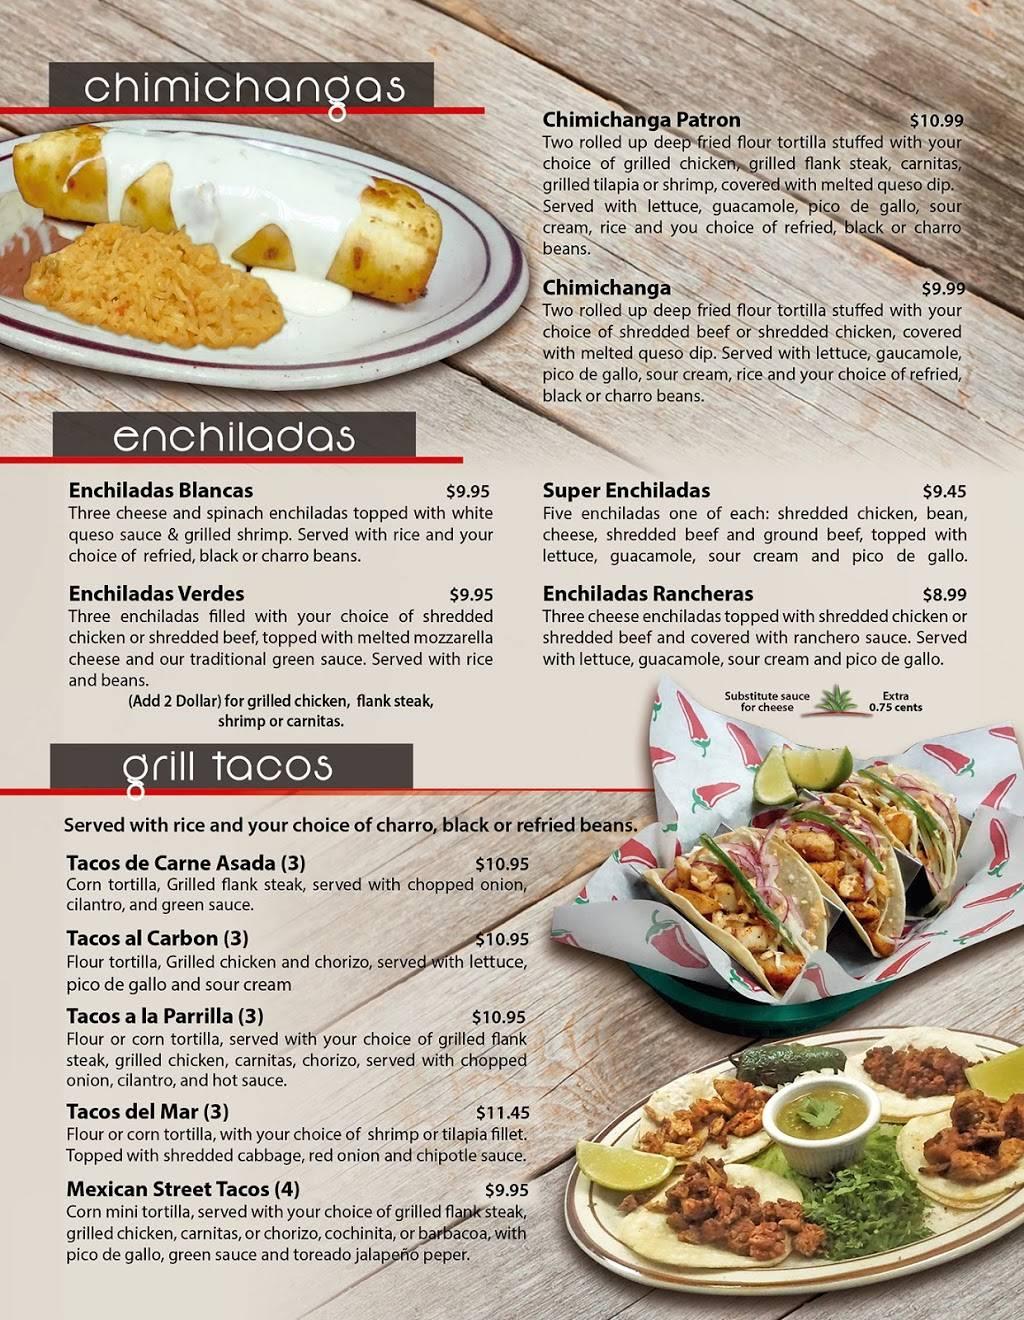 El Patron Cocina Mexicana | restaurant | 11101 E 41st St, Tulsa, OK 74146, USA | 9189351484 OR +1 918-935-1484